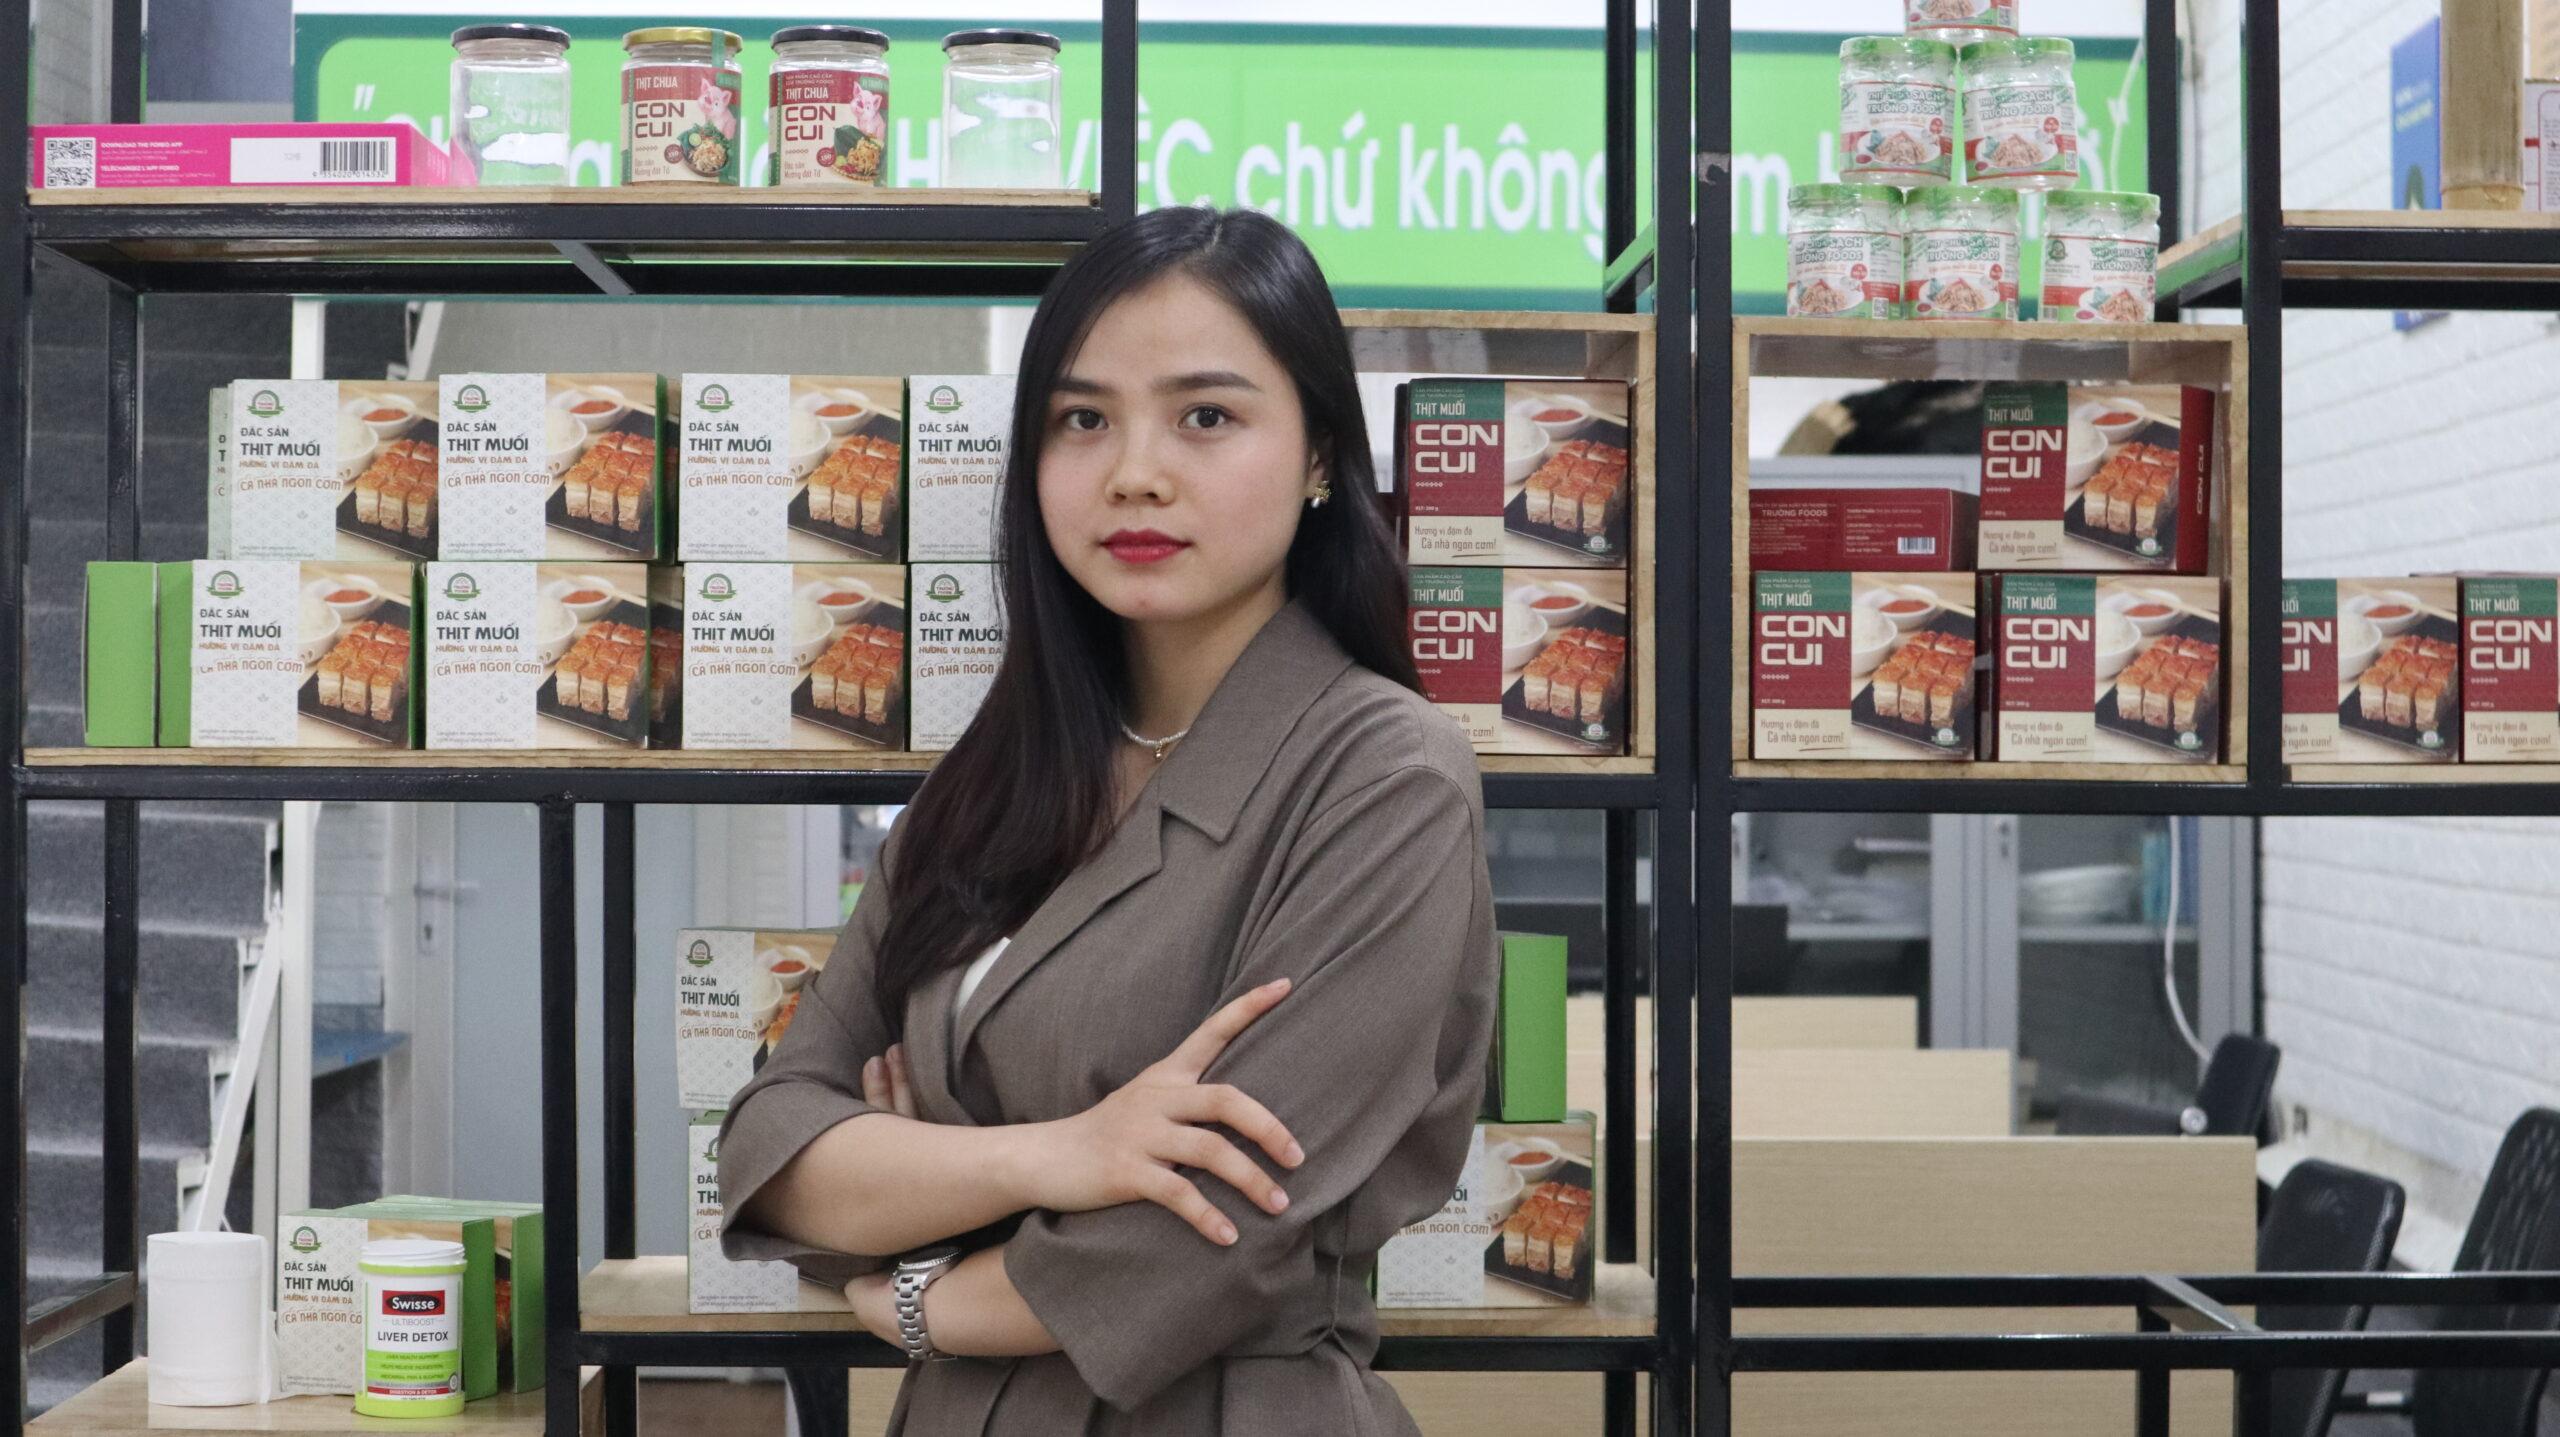 Uma mulher está diante de prateleiras repletas de comida.